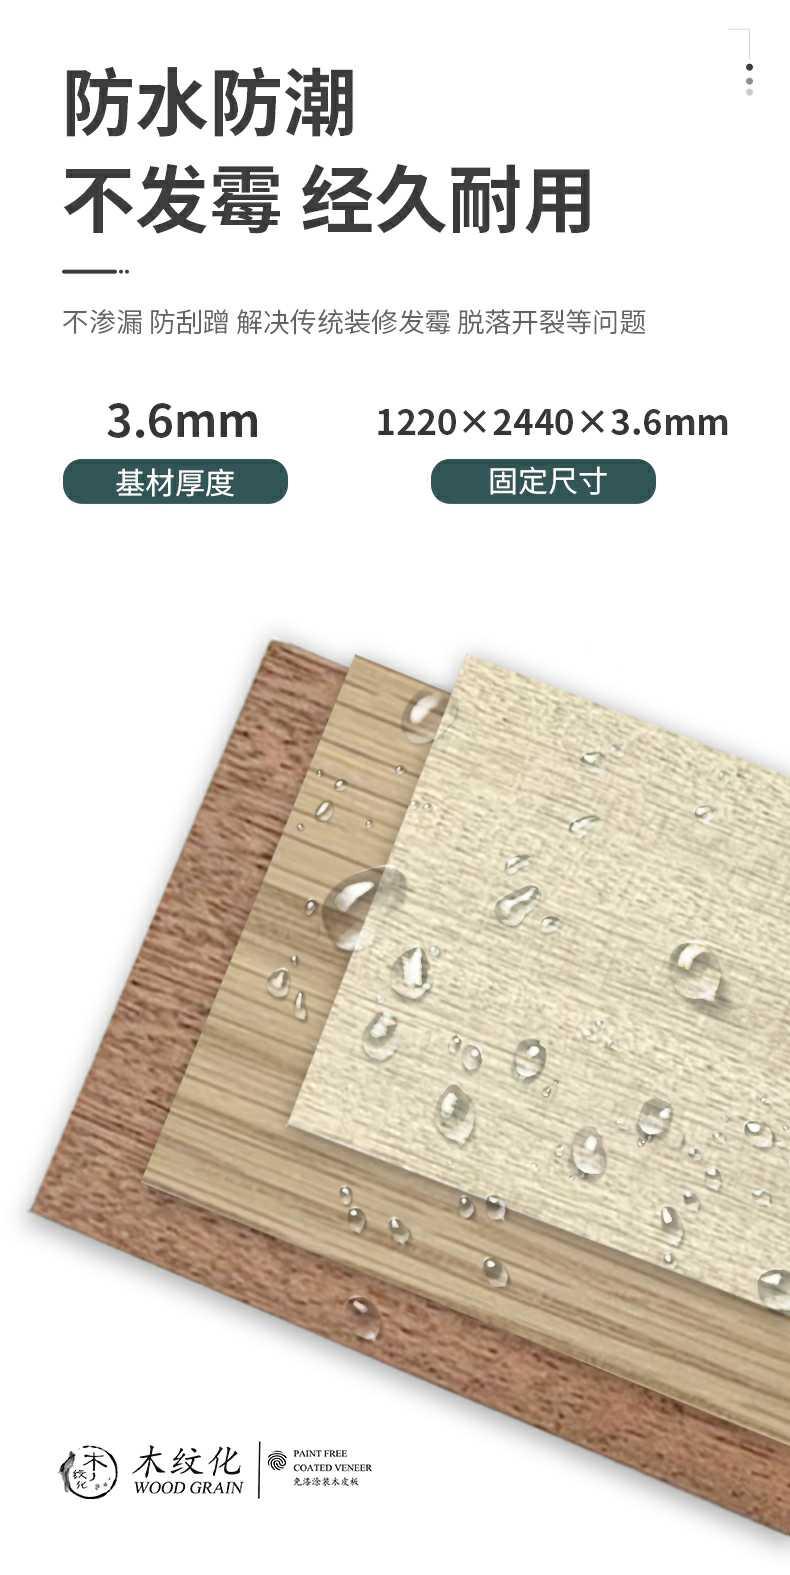 木纹化免漆木饰面板板背景墙实木线条格栅隐形门护墙板全屋定製详细照片